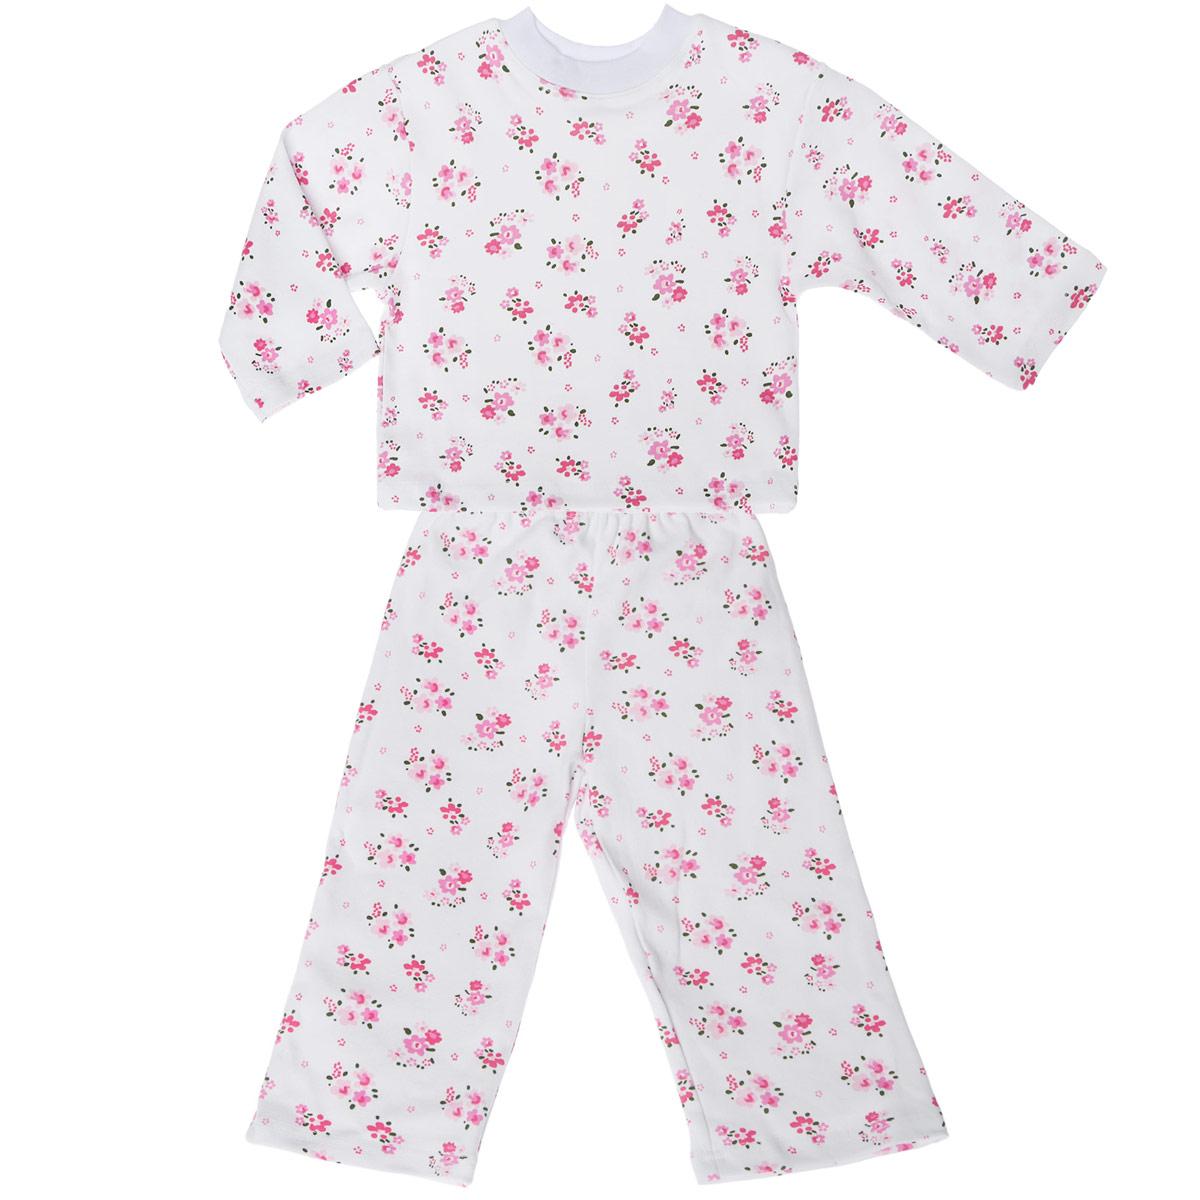 Пижама для девочки Трон-плюс, цвет: белый, розовый. 5584_цветы. Размер 98/104, 3-5 лет5584_цветыУютная пижама для девочки Трон-плюс, состоящая из джемпера и брюк, идеально подойдет вашей дочурке и станет отличным дополнением к детскому гардеробу. Изготовленная из натурального хлопка, она необычайно мягкая и легкая, не сковывает движения, позволяет коже дышать и не раздражает даже самую нежную и чувствительную кожу ребенка. Джемпер с длинными рукавами и круглым вырезом горловины оформлен ненавязчивым цветочным принтом. Вырез горловины дополнен трикотажной эластичной резинкой.Брюки на талии имеют эластичную резинку, благодаря чему не сдавливают живот ребенка и не сползают. Оформлены брючки также ненавязчивым цветочным принтом. В такой пижаме ваш ребенок будет чувствовать себя комфортно и уютно во время сна.